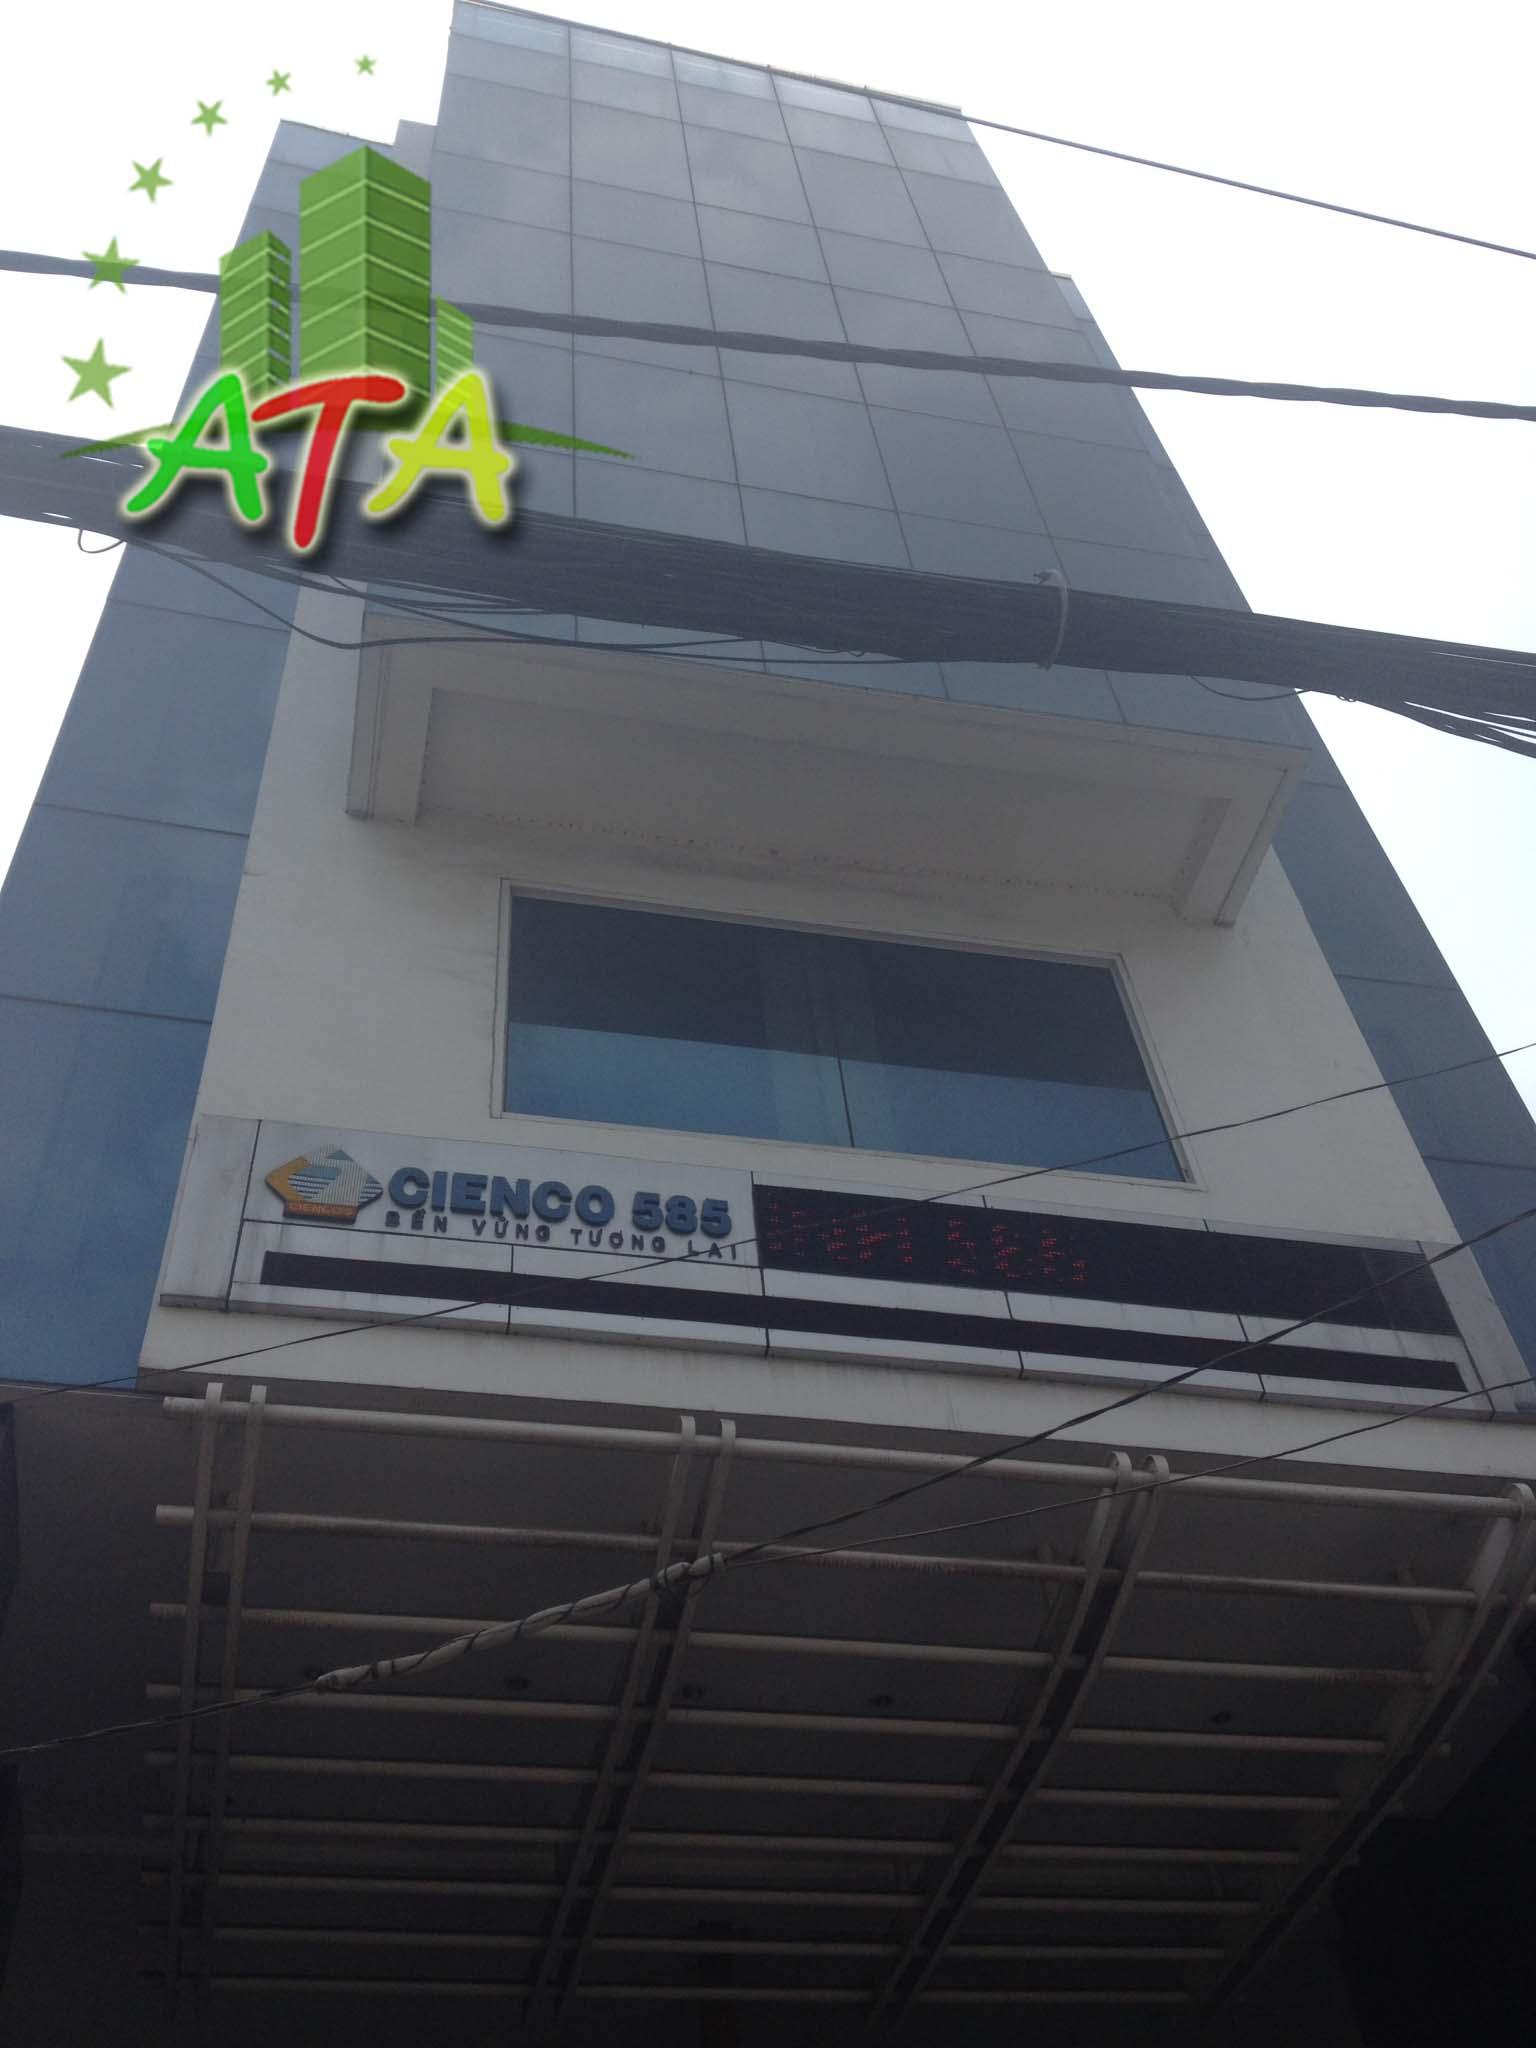 Văn phòng cho thuê Cienco 585 Building, đường D2, quận Bình Thạnh